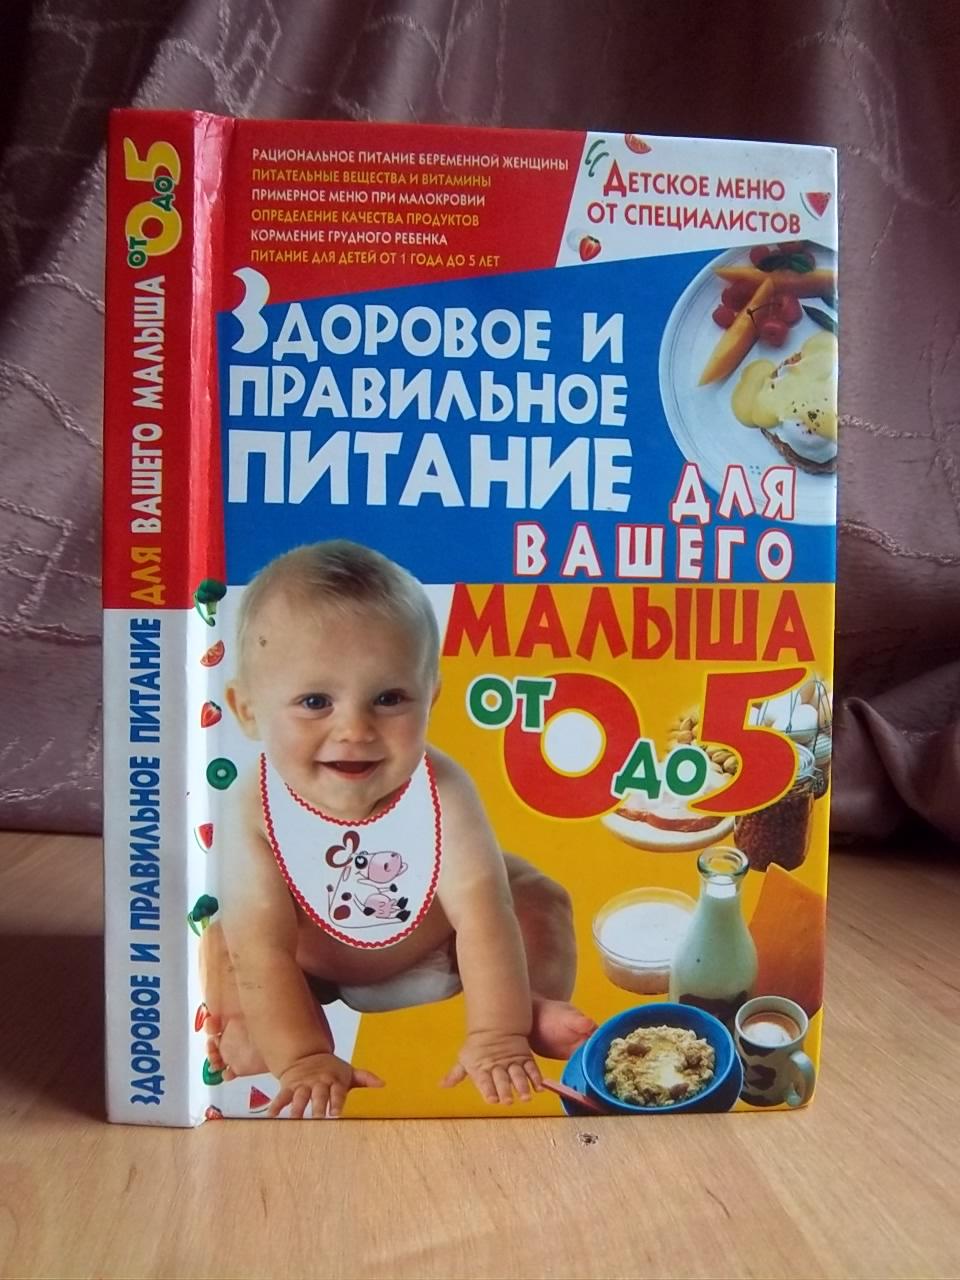 Здоровое и правильное питание для вашего малыша от 0 до 5